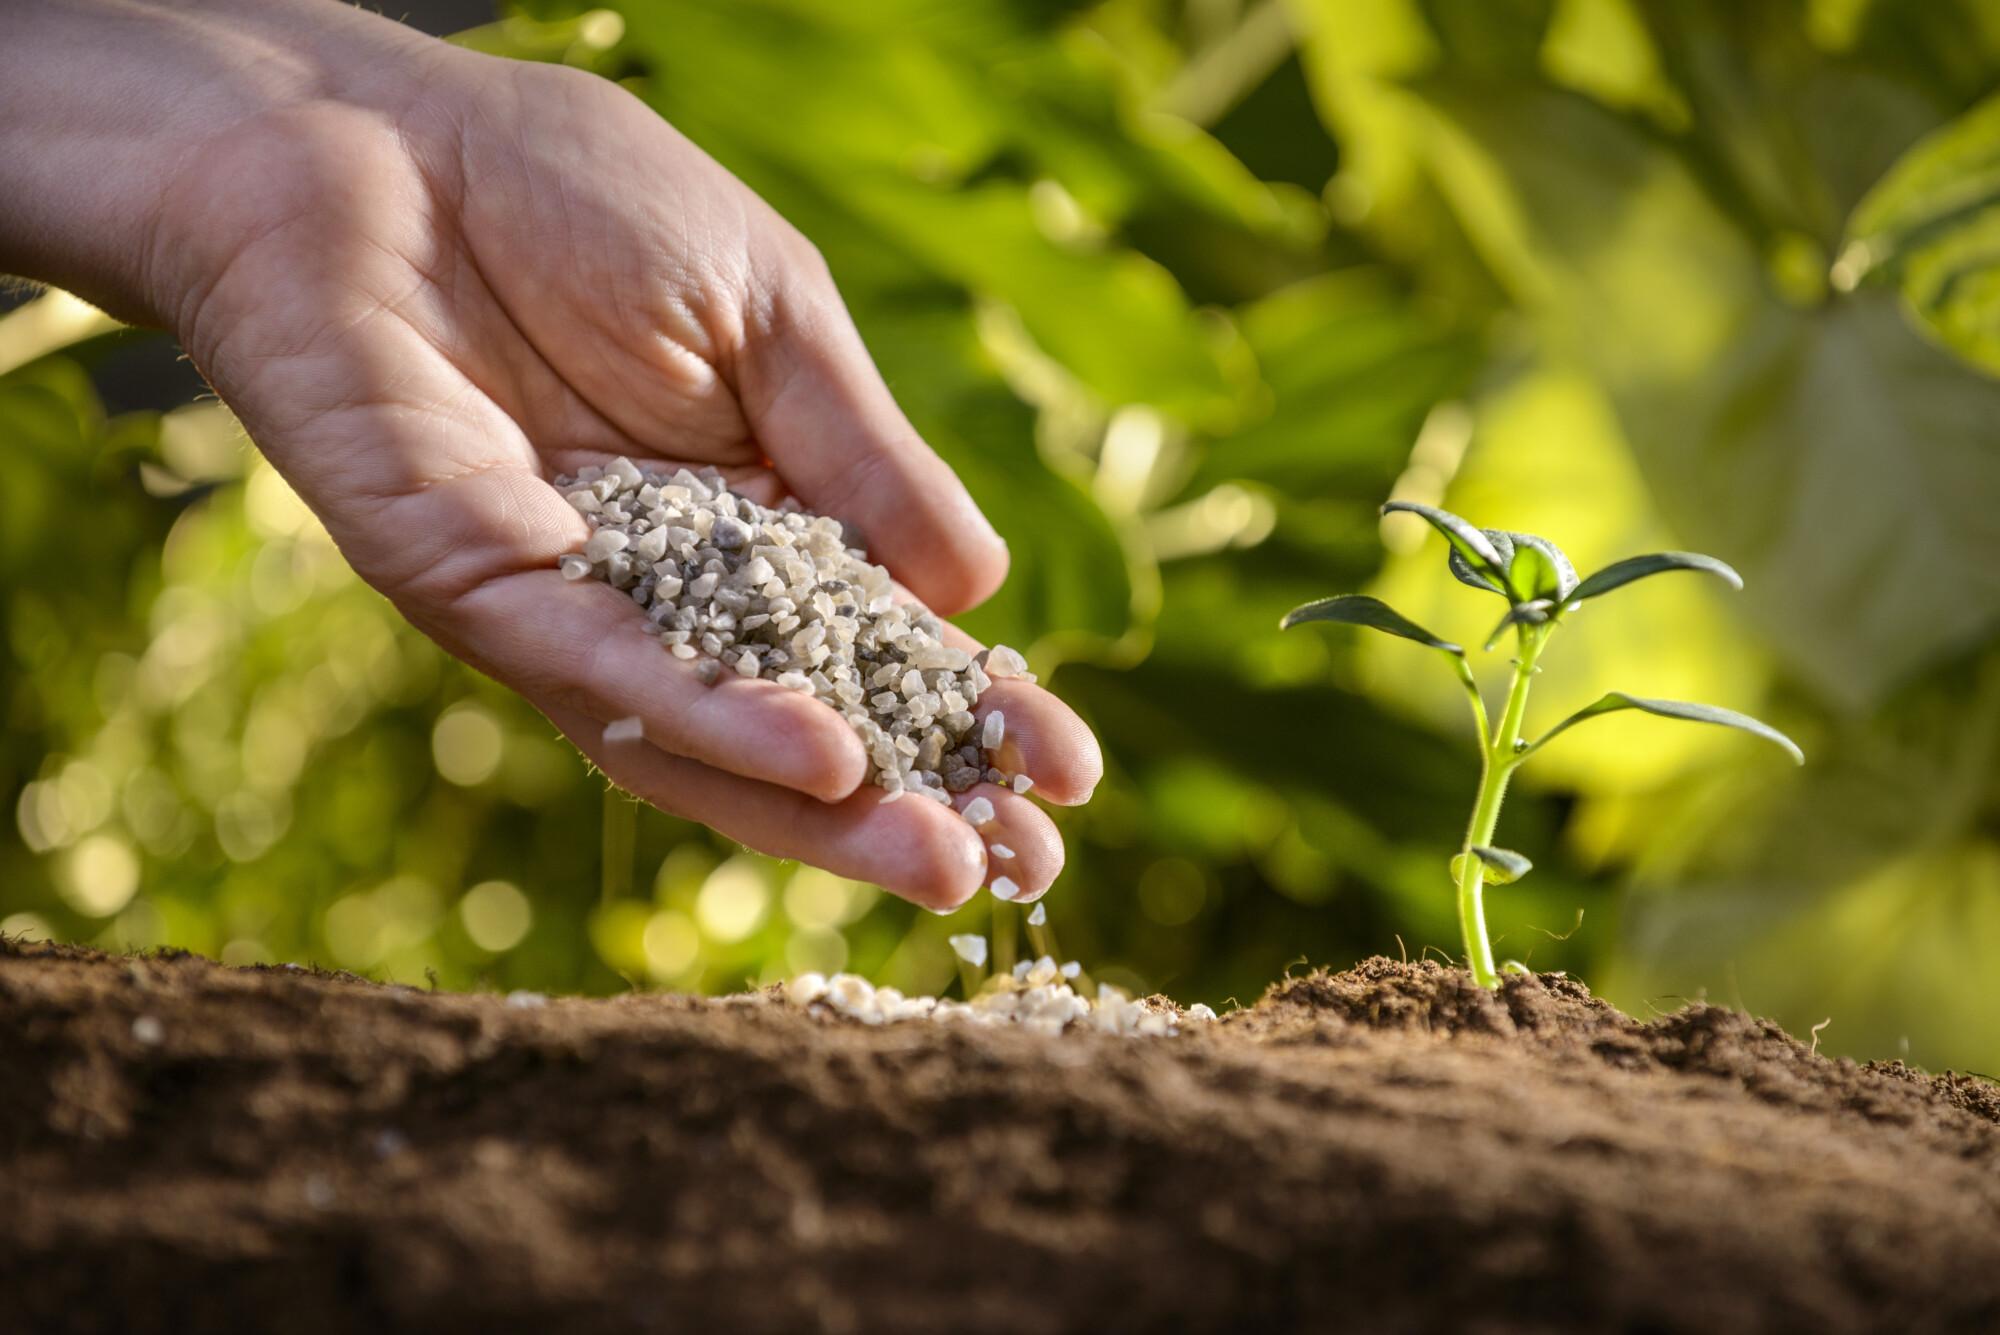 Hand holding fertiliser above the soil